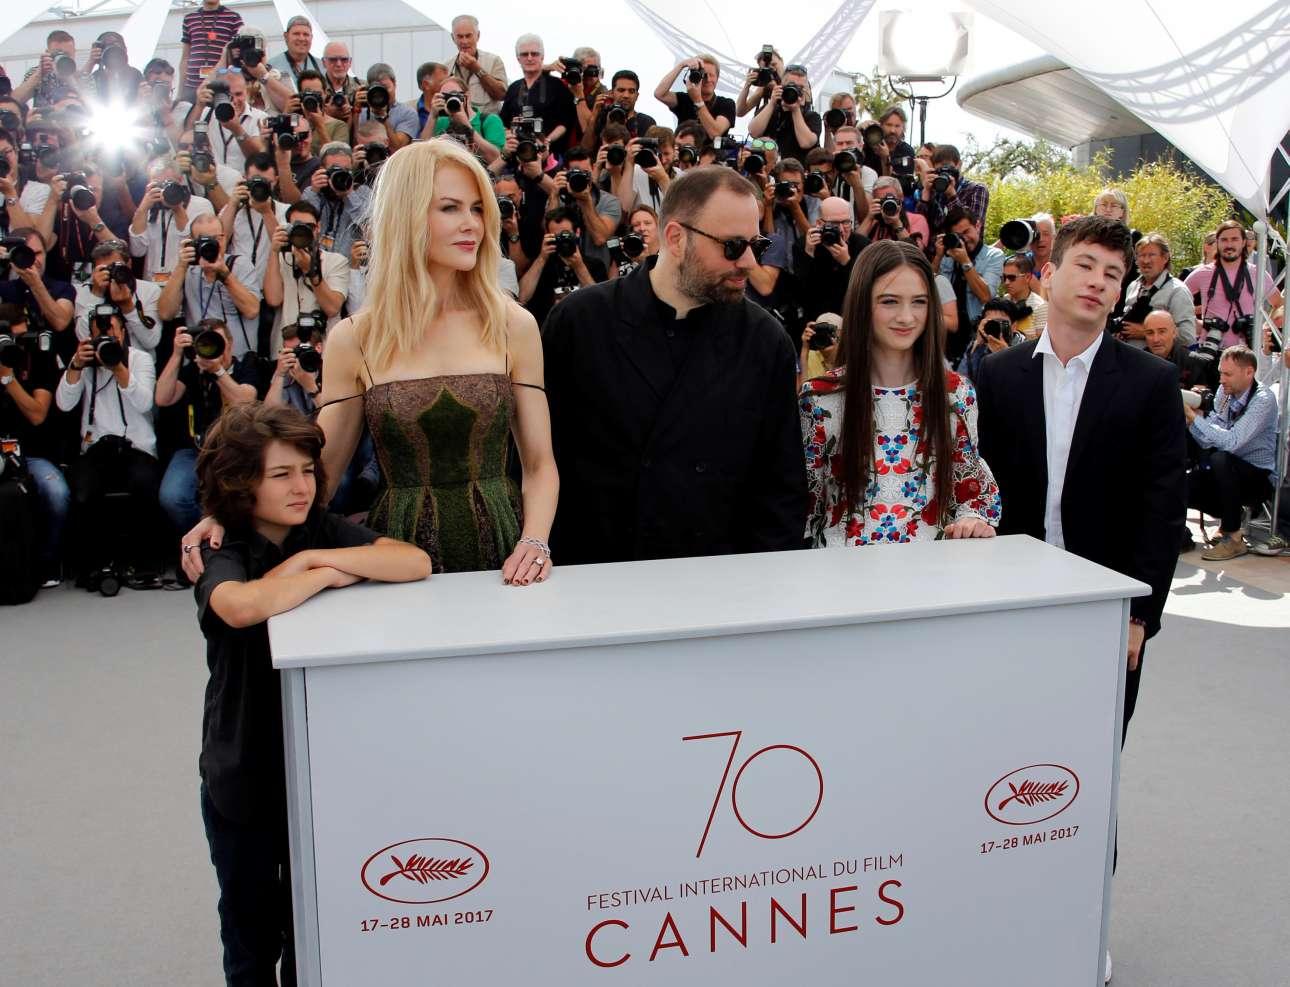 Η πρωινή φωτογράφιση. Από αριστερά: Σάνι Σούλιτς, Νικόλ Κίντμαν, Γιώργος Λάνθιμος, Ράφεϊ Κάσιντι και Μπάρι Κόγκαν. Η ταινία έχει να κάνει και με παιδιά